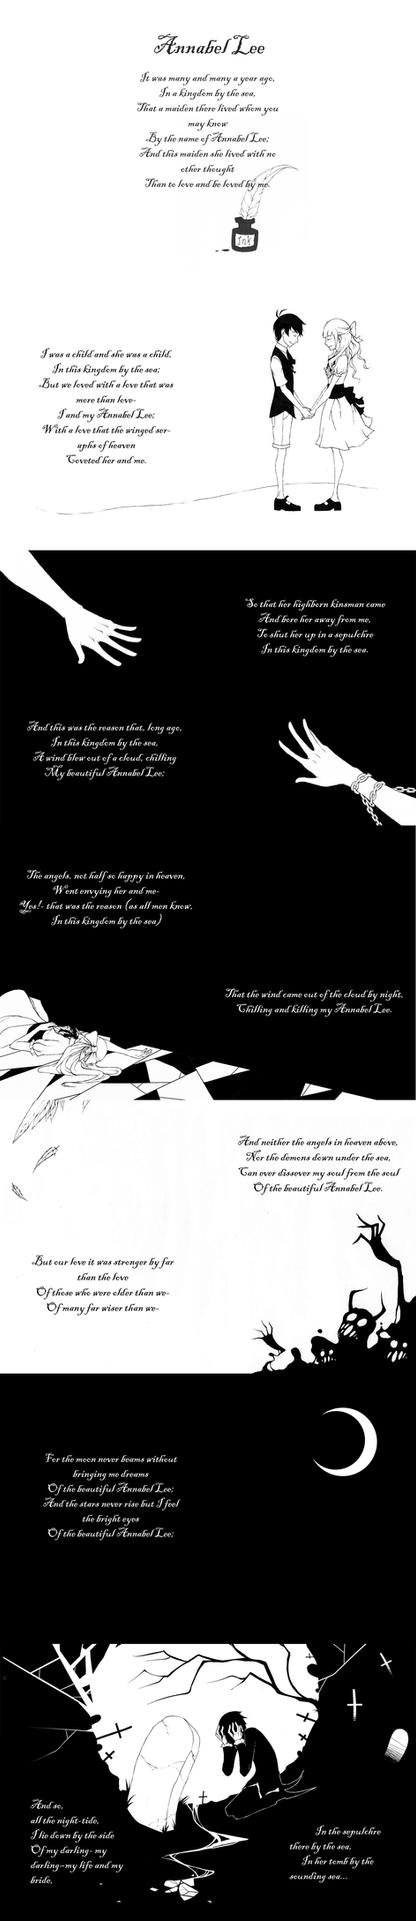 Annabel Lee by Naimane